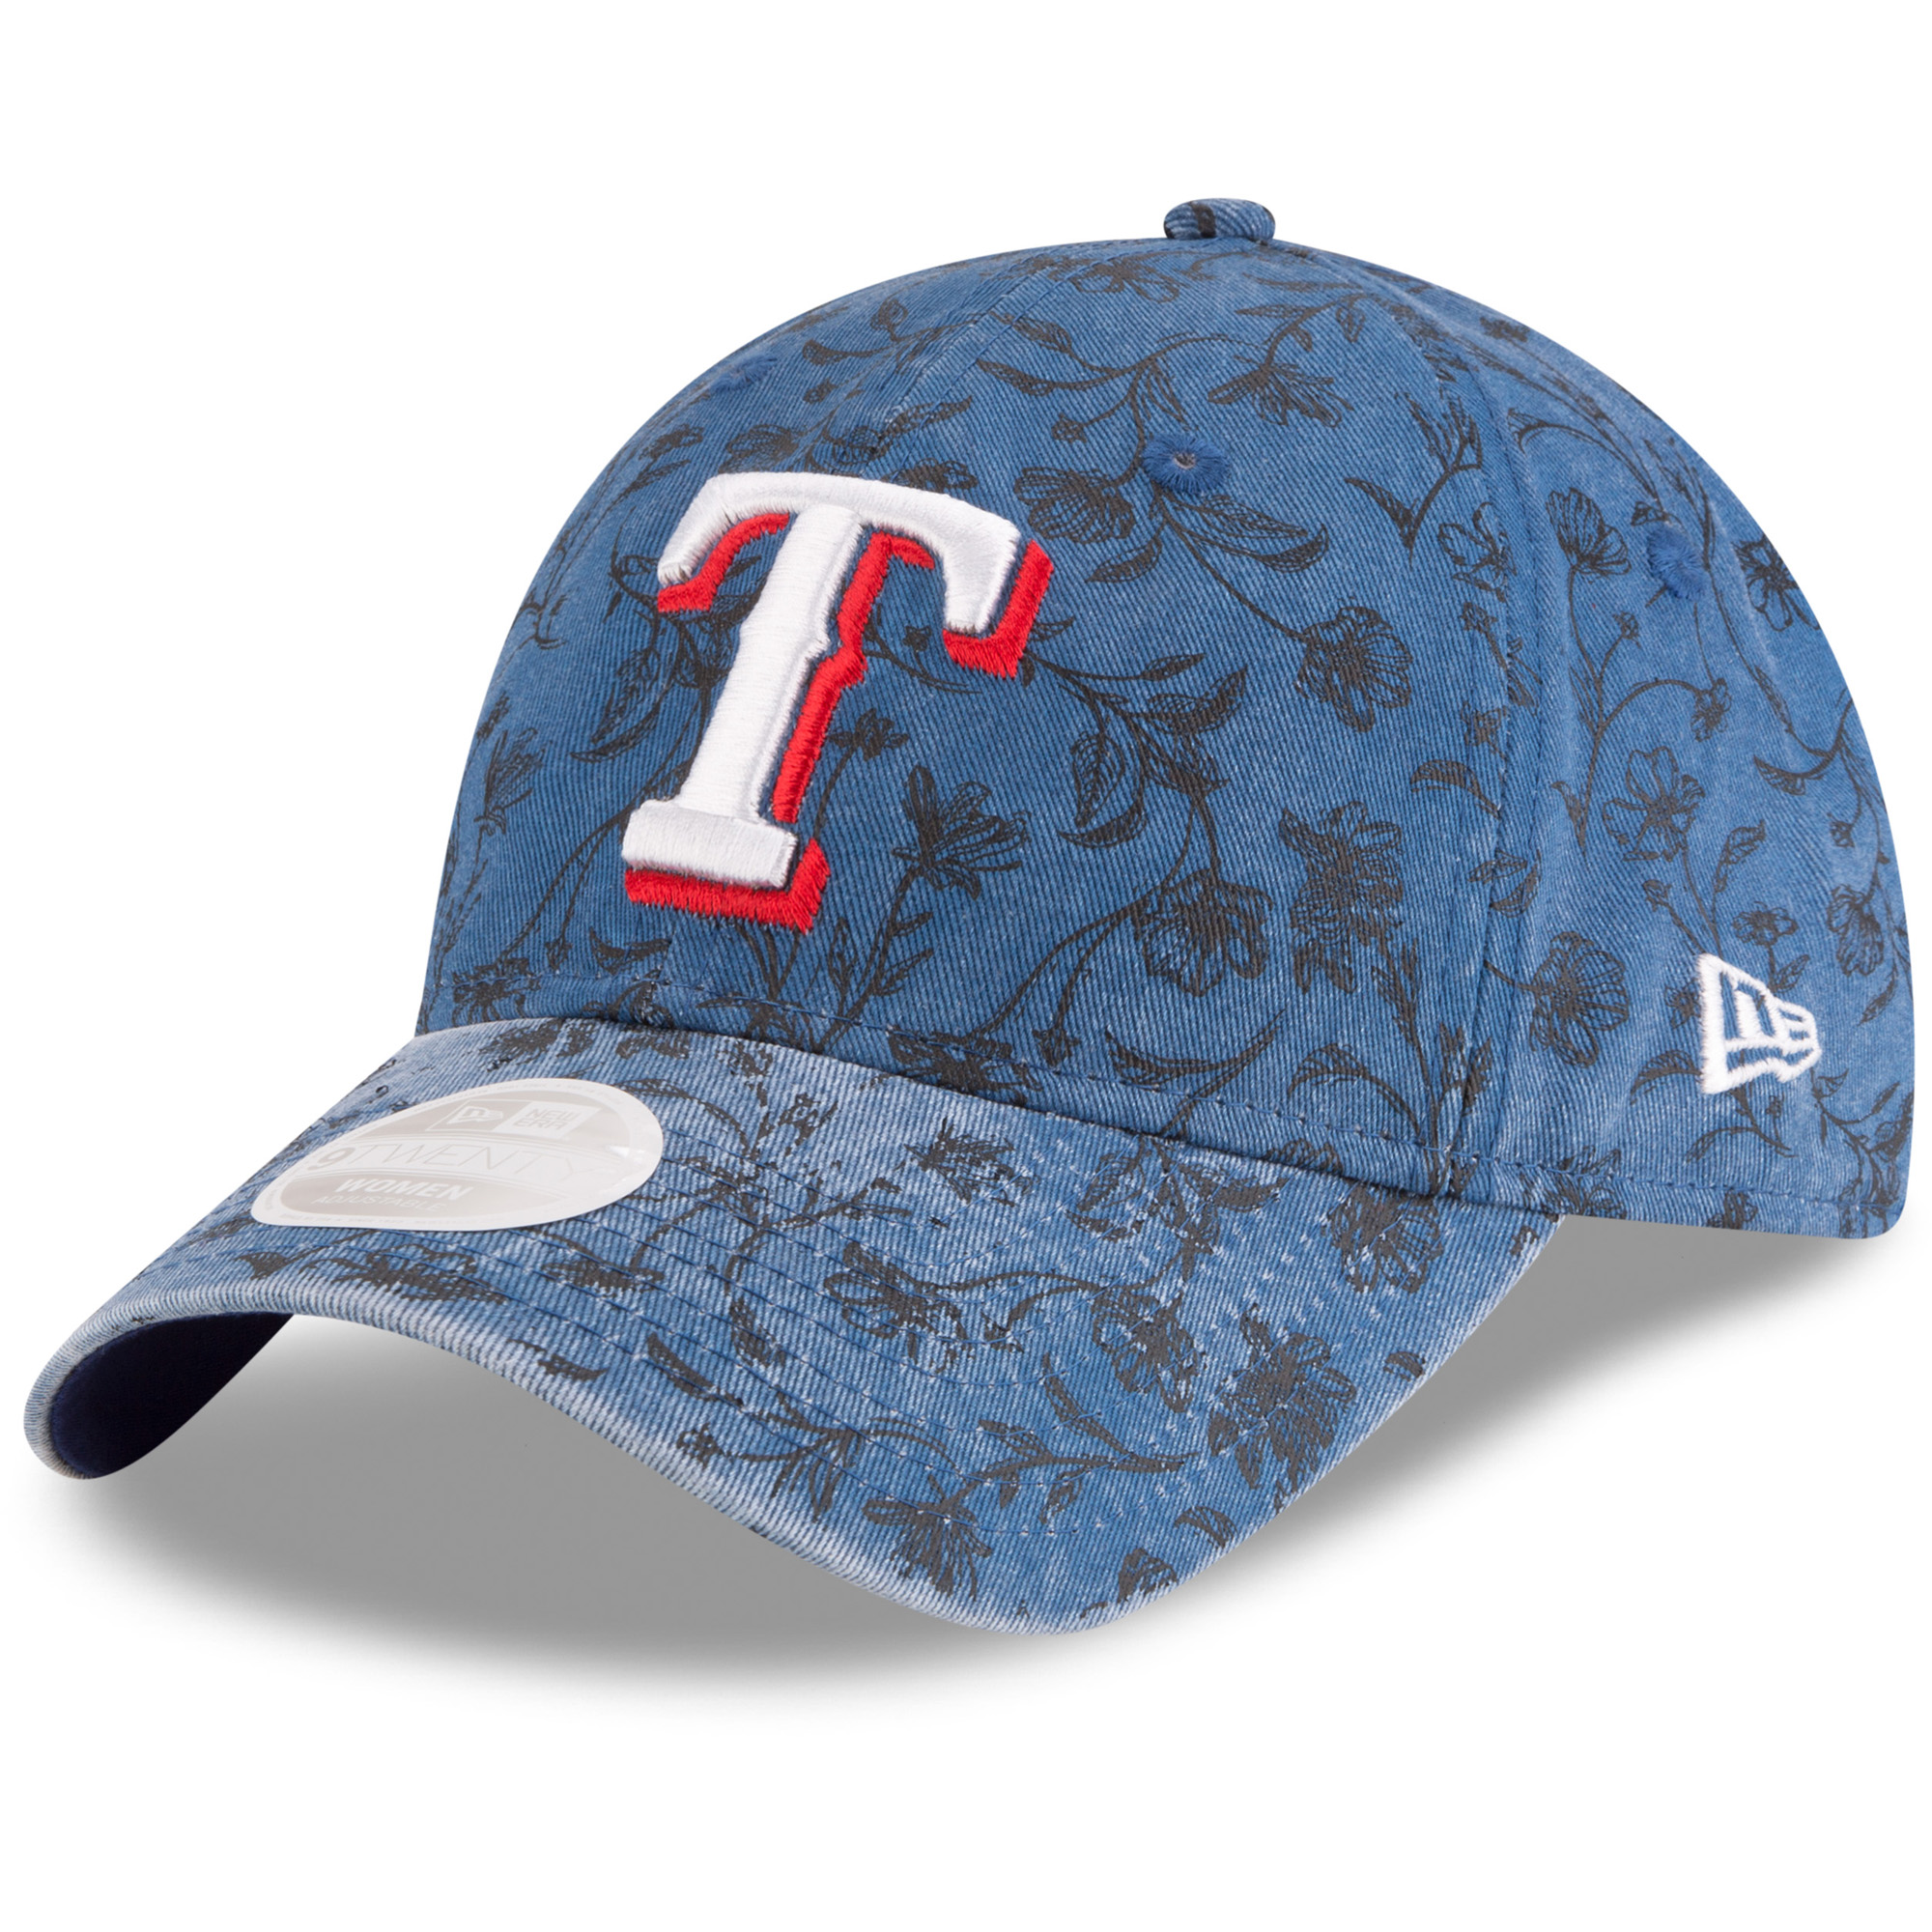 Texas Rangers New Era Women's Floral Peek 9TWENTY Adjustable Hat - Royal - OSFA